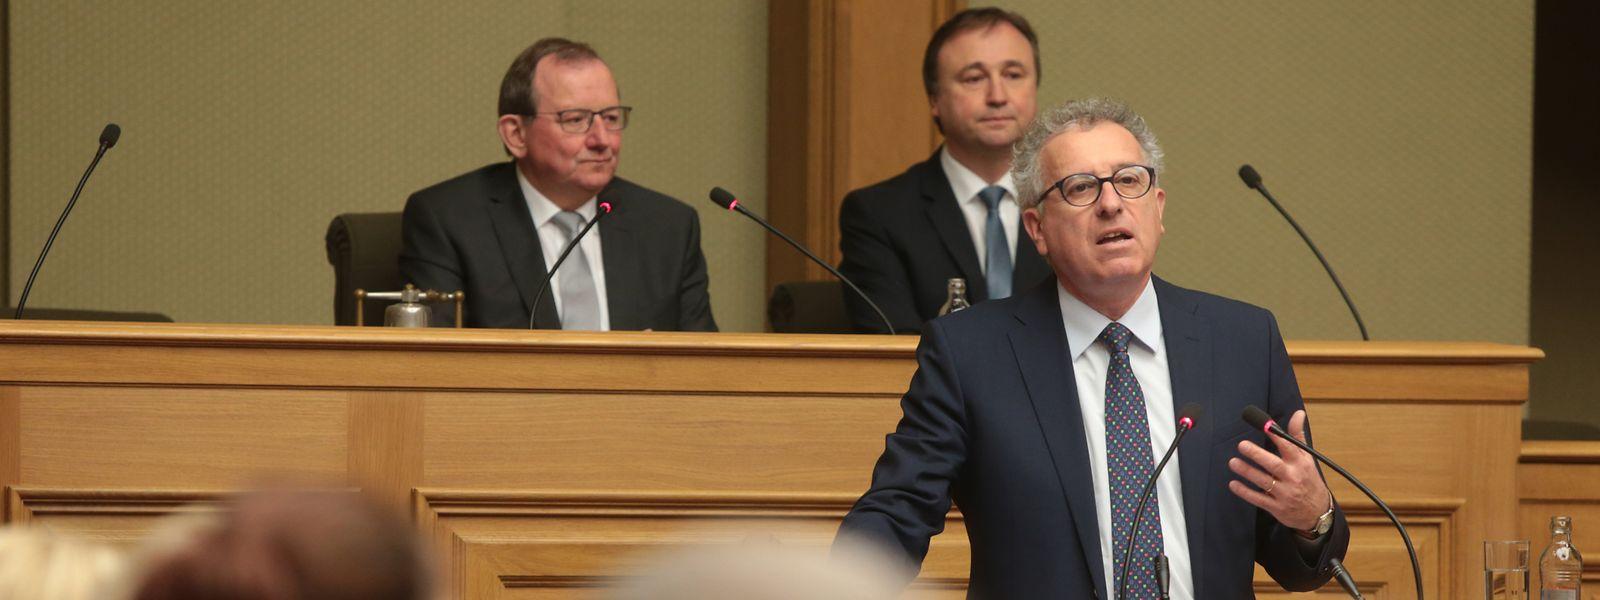 Pierre Gramegna weihte die Chamber am Dienstag in seine Budget-Pläne für 2019 ein.